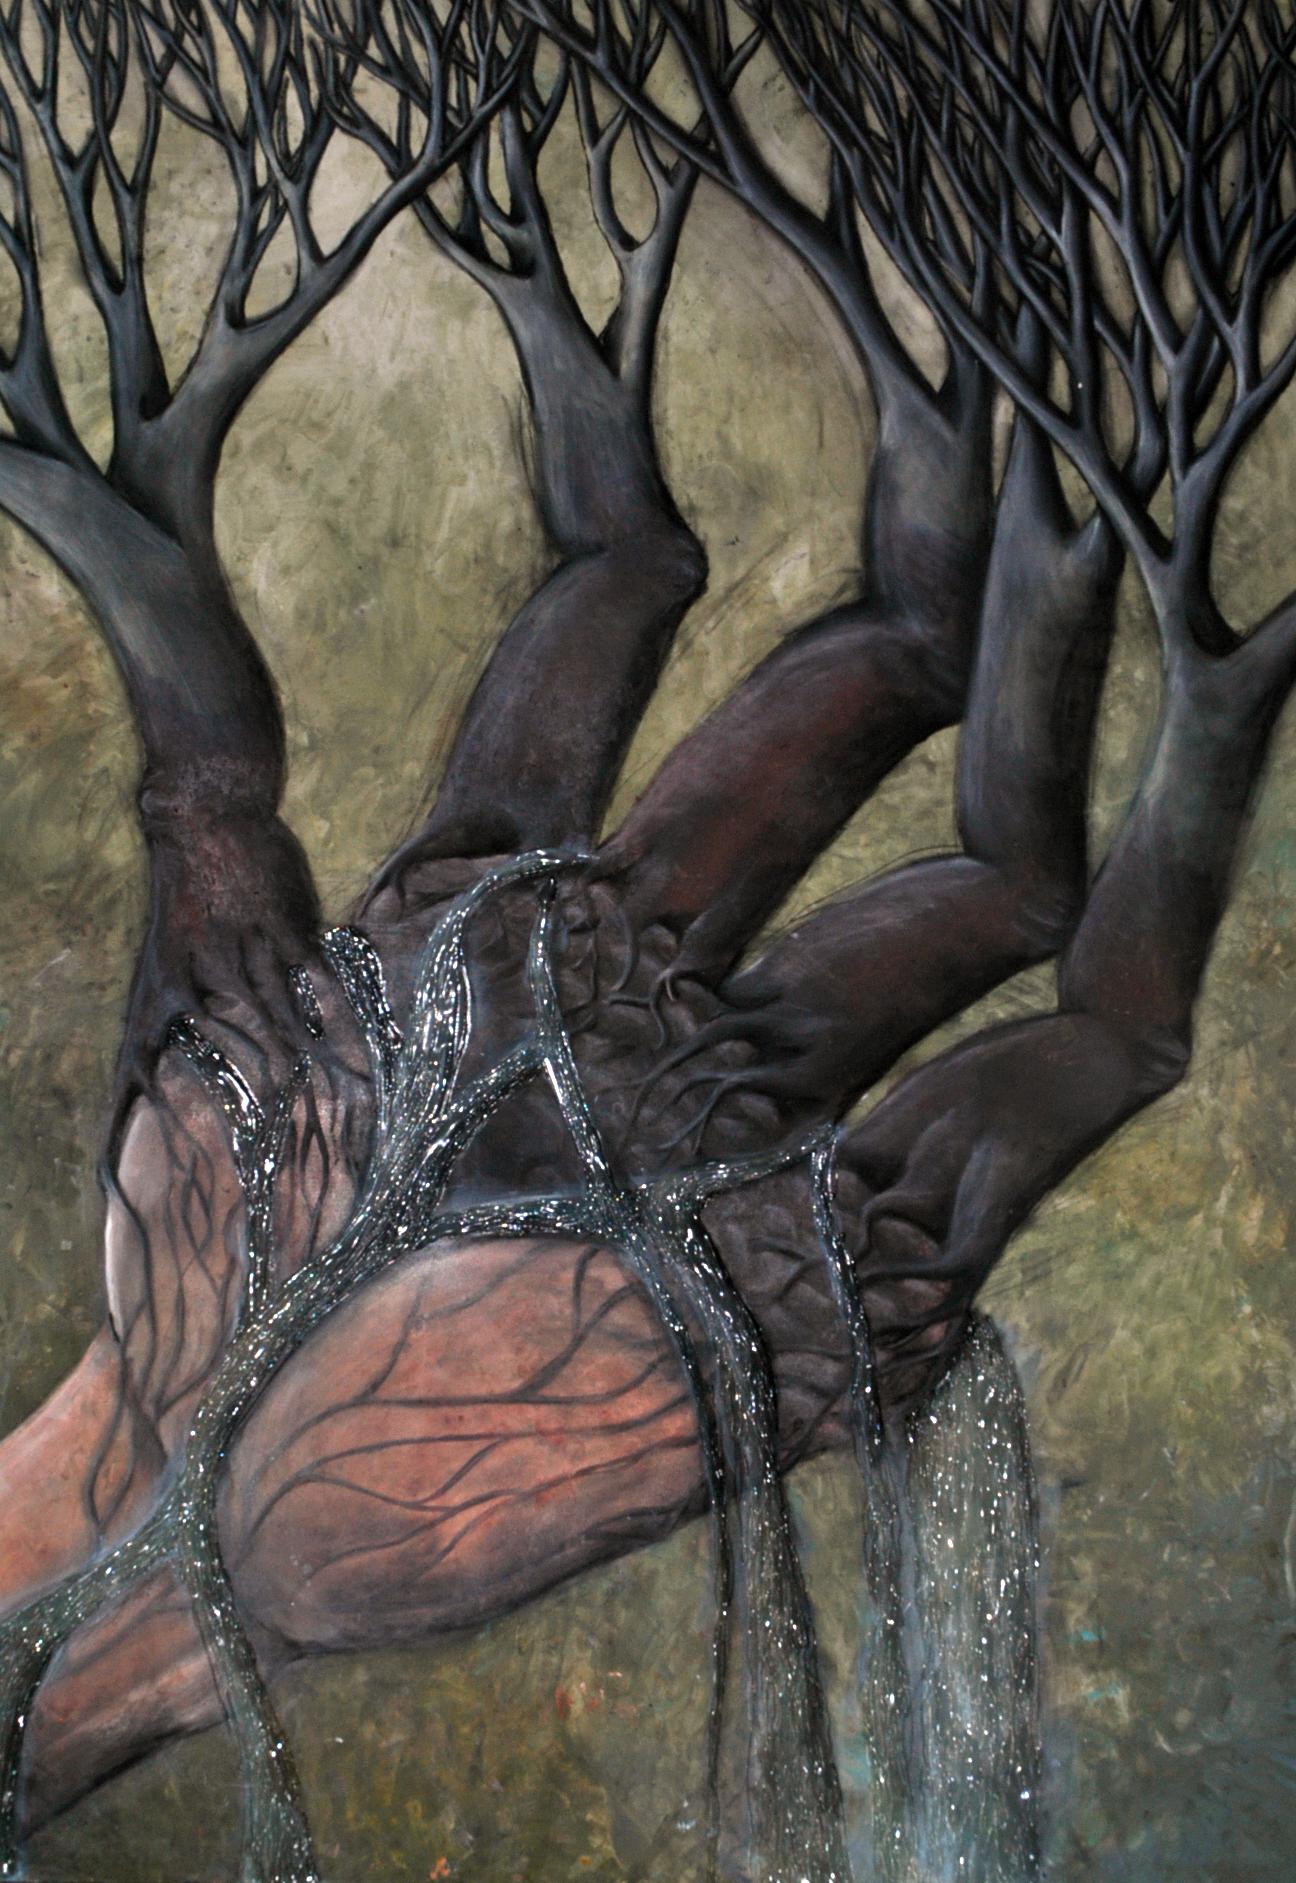 Tree Hand Ecosystem